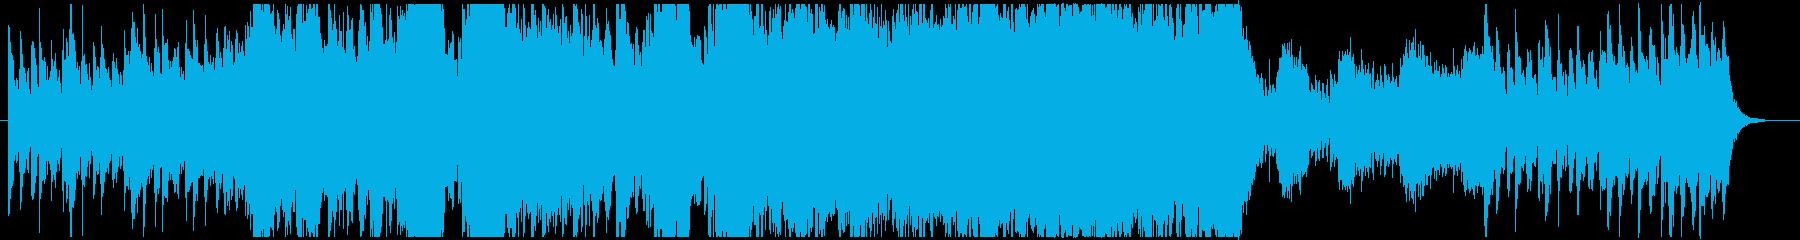 ファンタジーで爽快なフィールド音楽の再生済みの波形